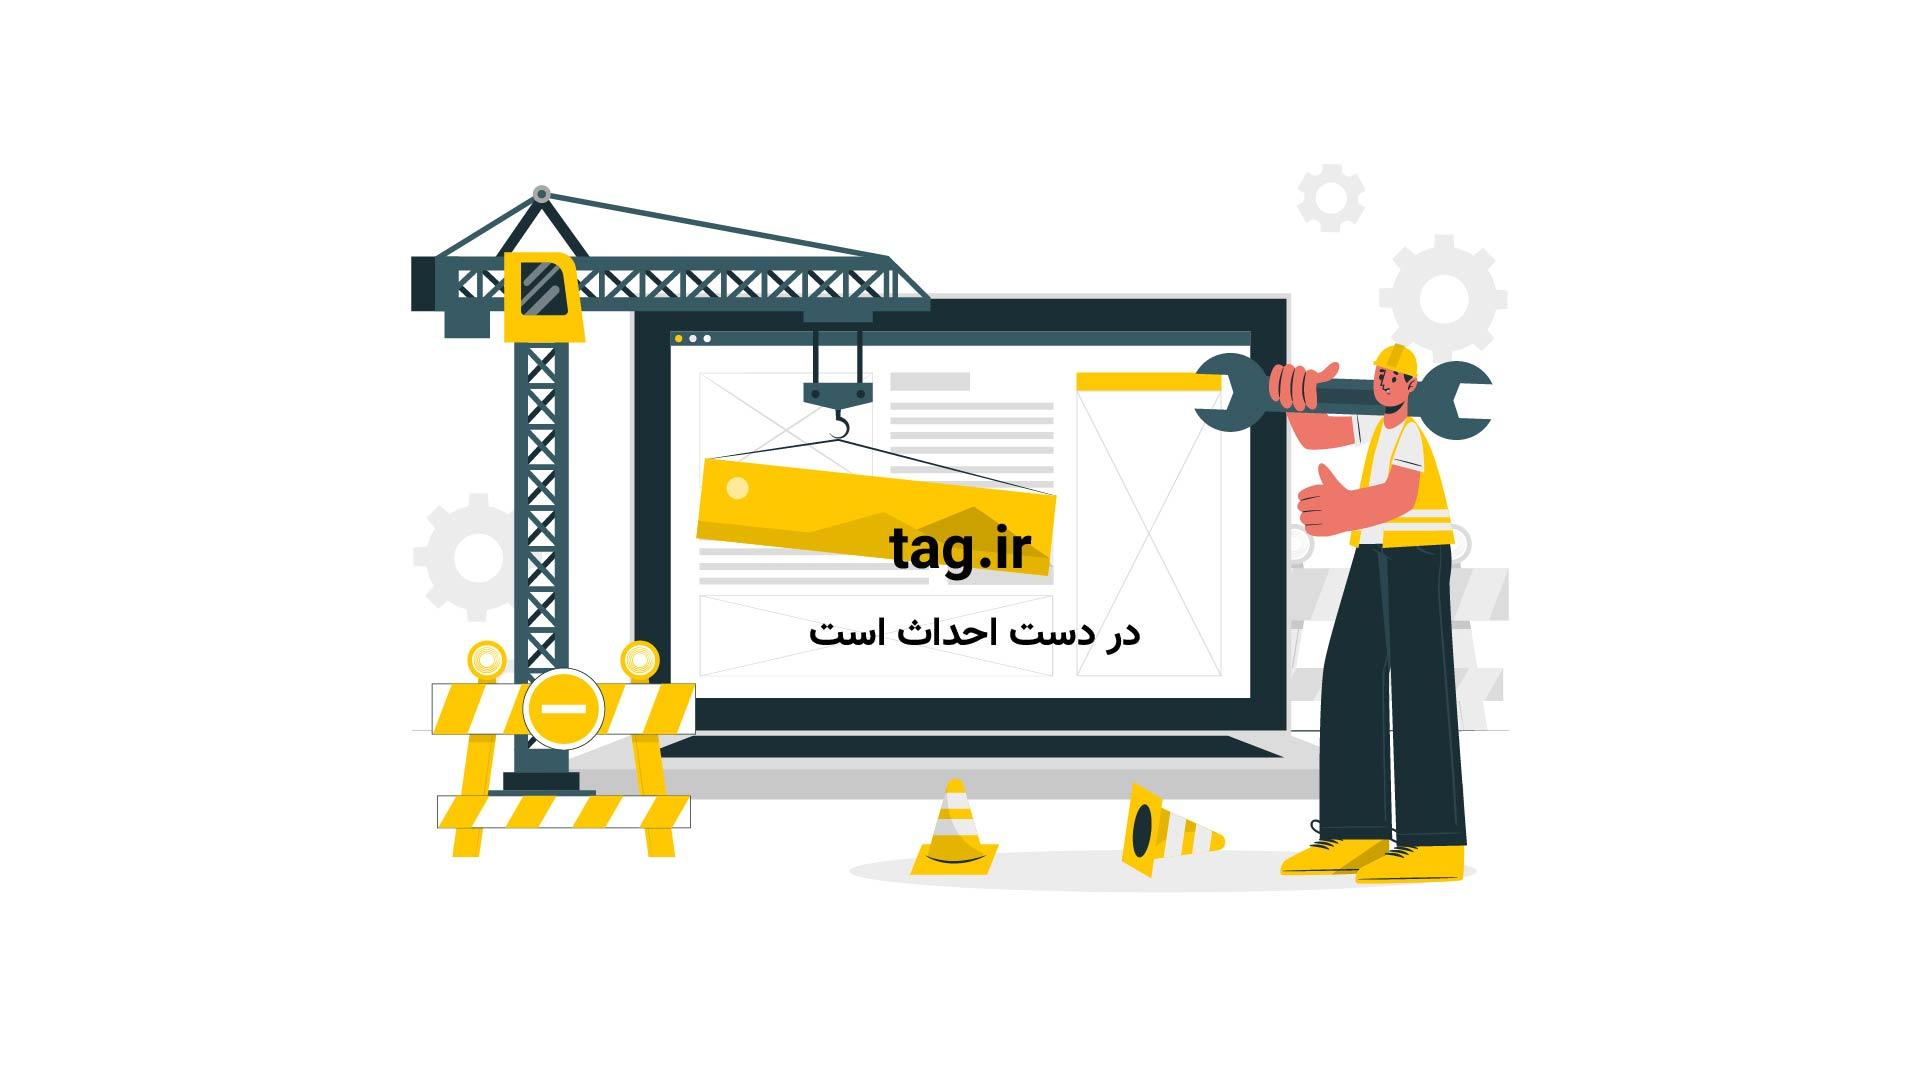 اوریگامی لاک پشت | تگ